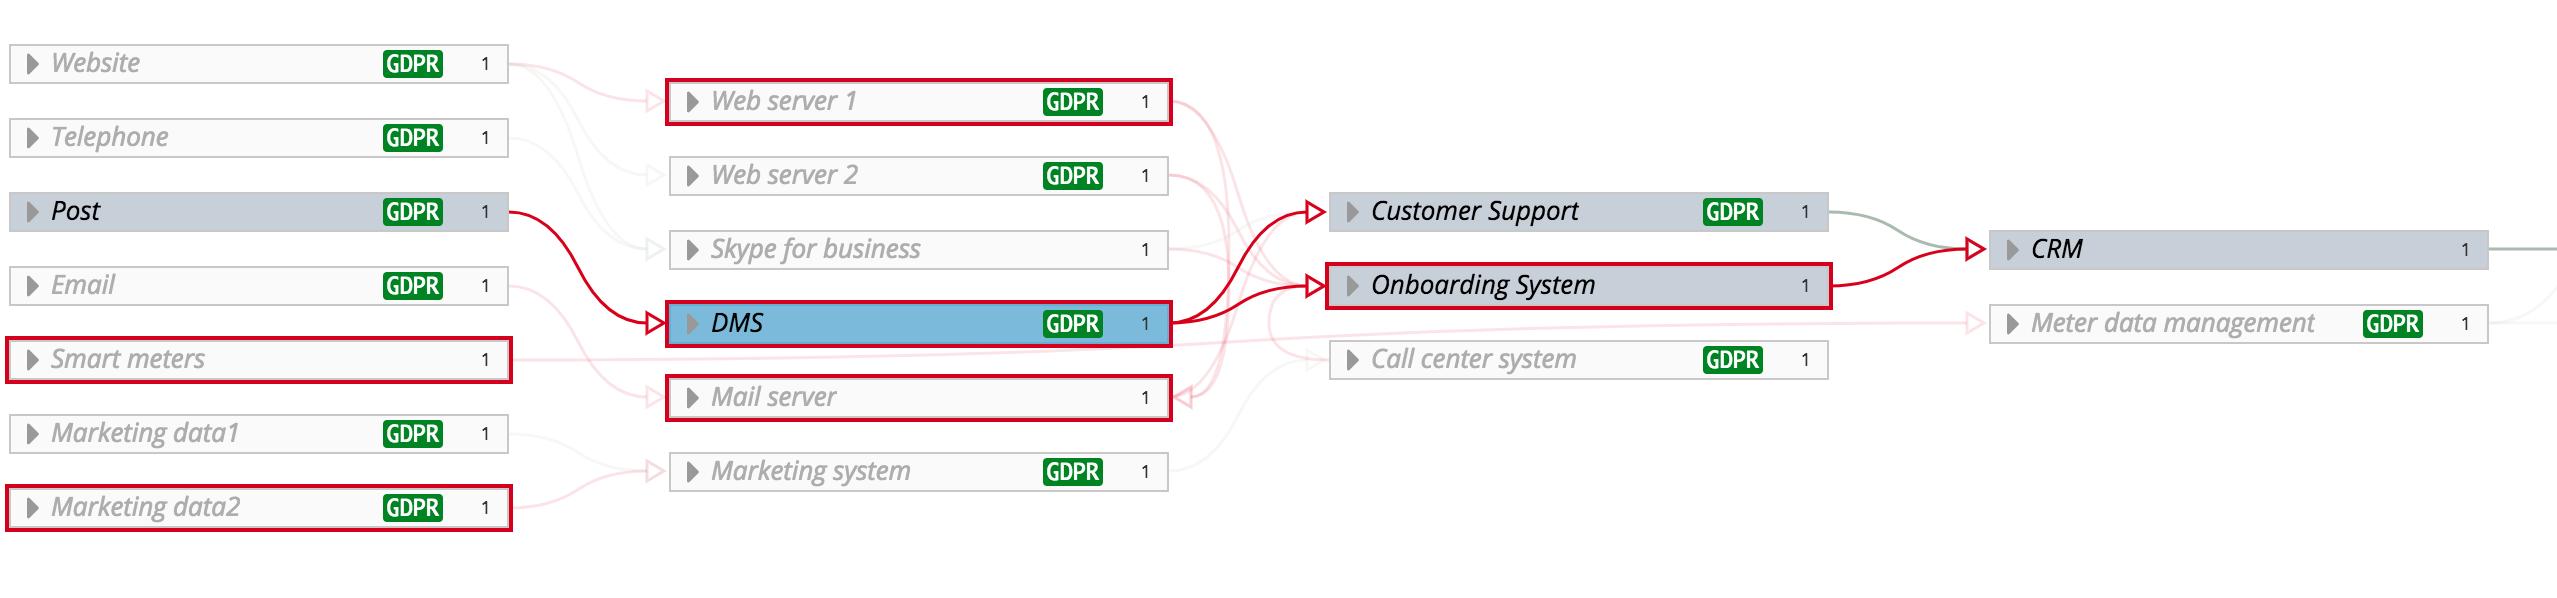 GDPR_Model